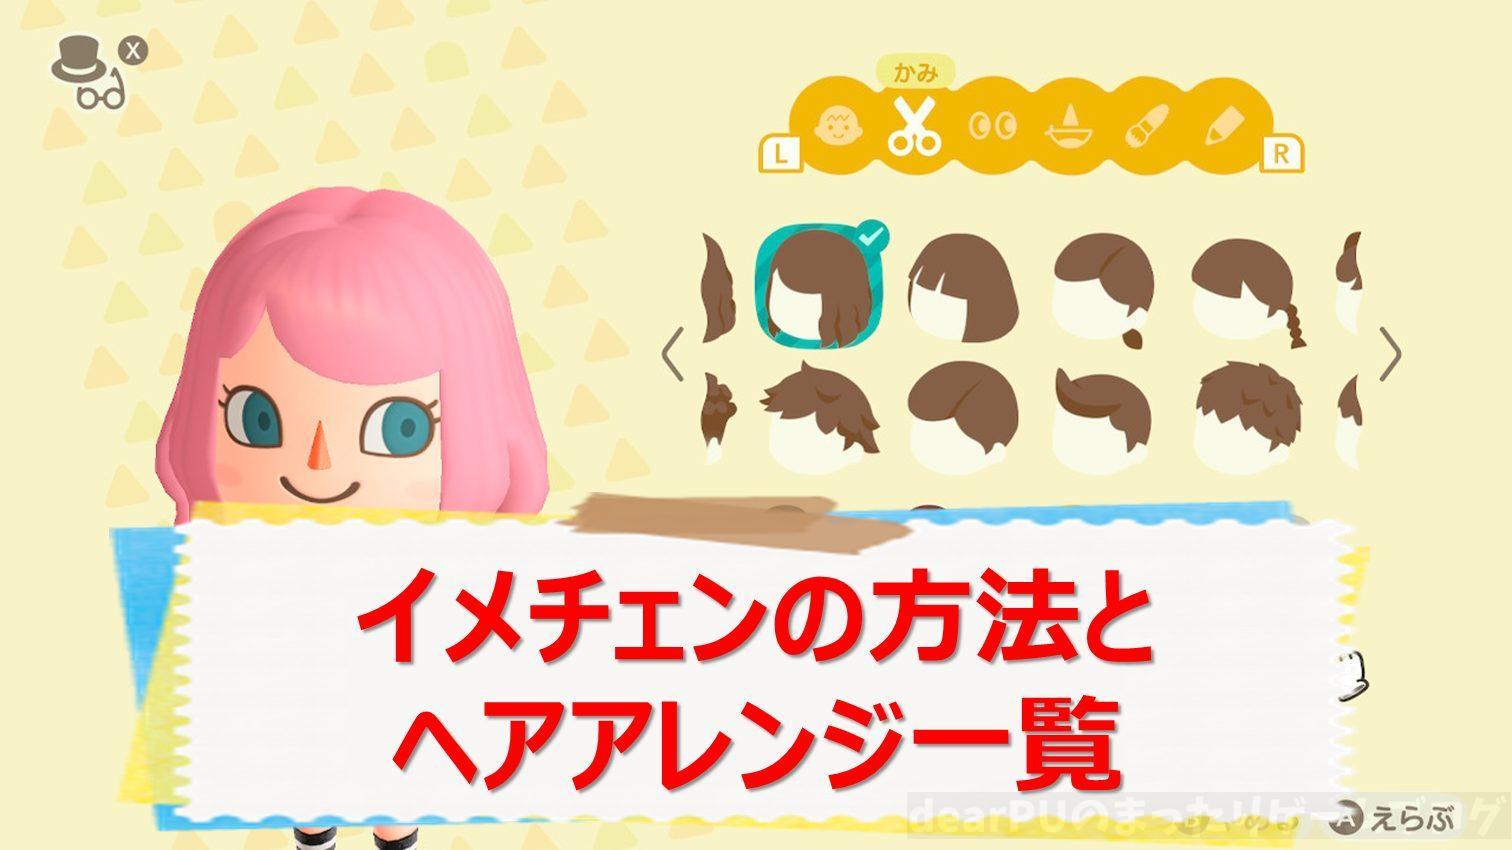 あつ 森 ヘア カラー 【あつ森】髪型・顔の種類一覧と変え方【あつまれどうぶつの森】